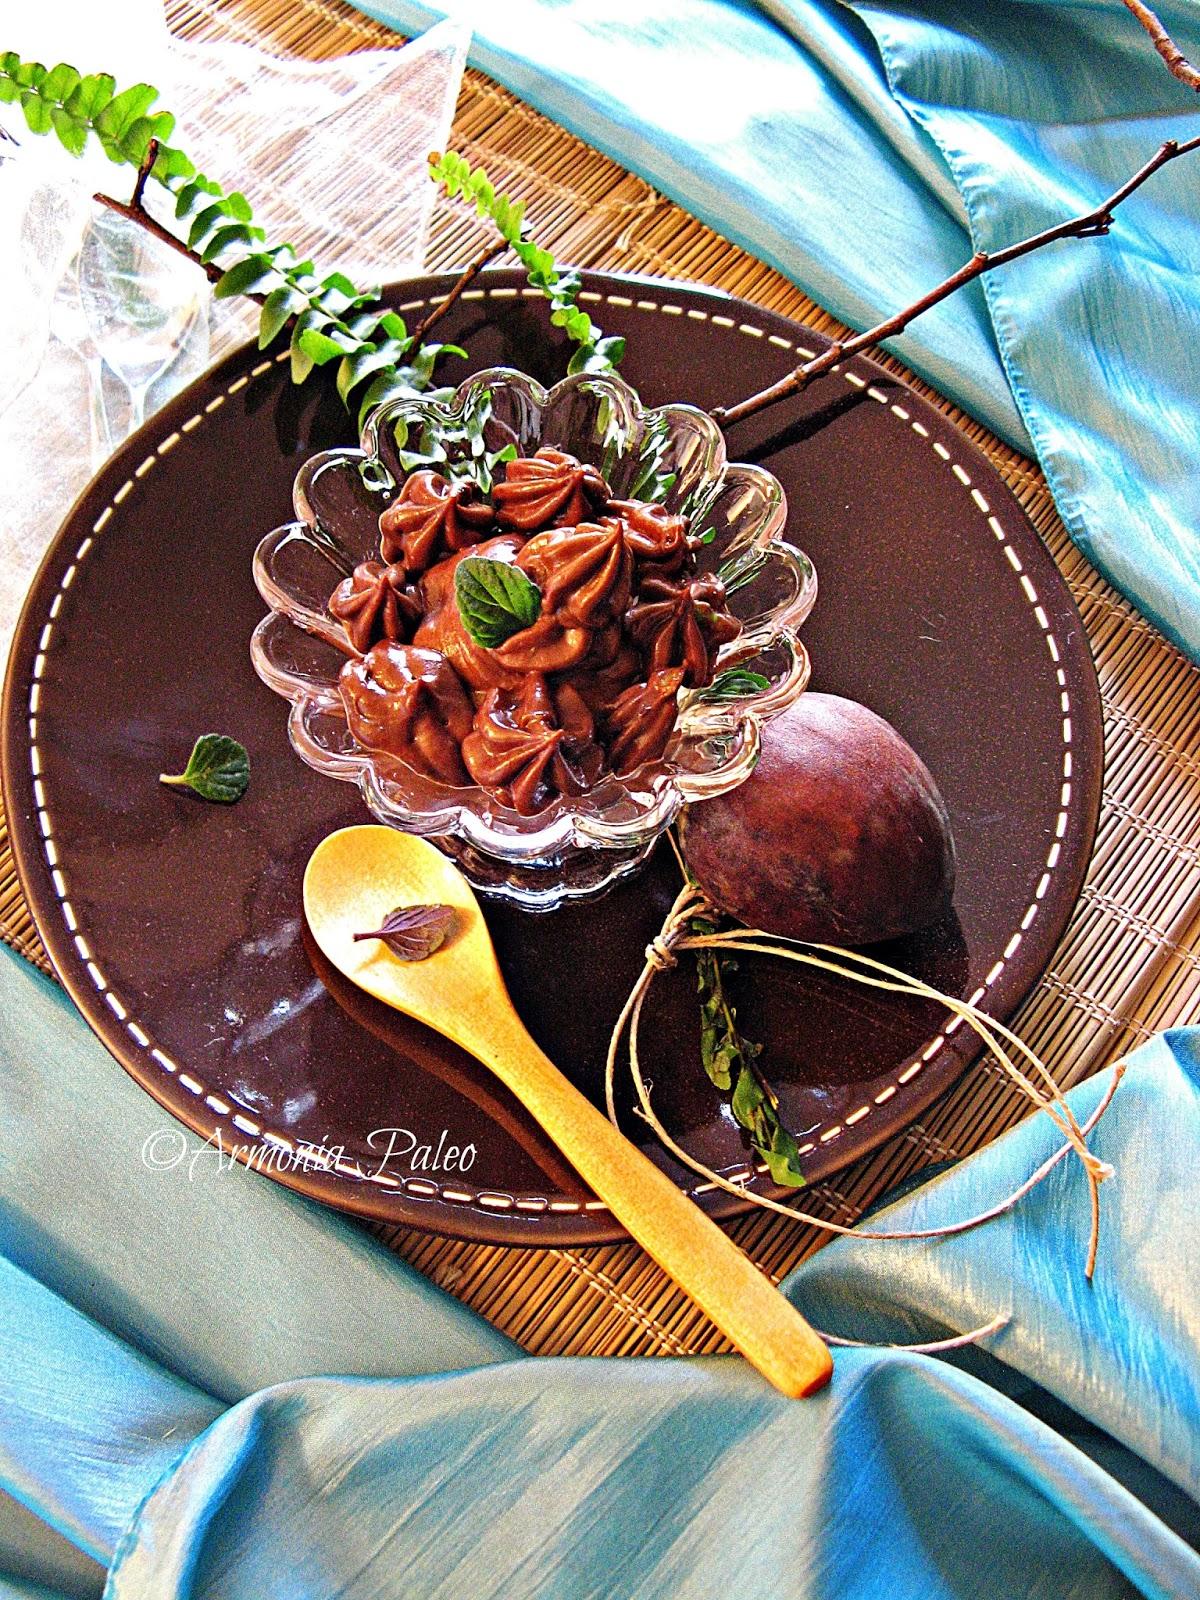 Mousse di Avocado al Cioccolato di Armonia Paleo